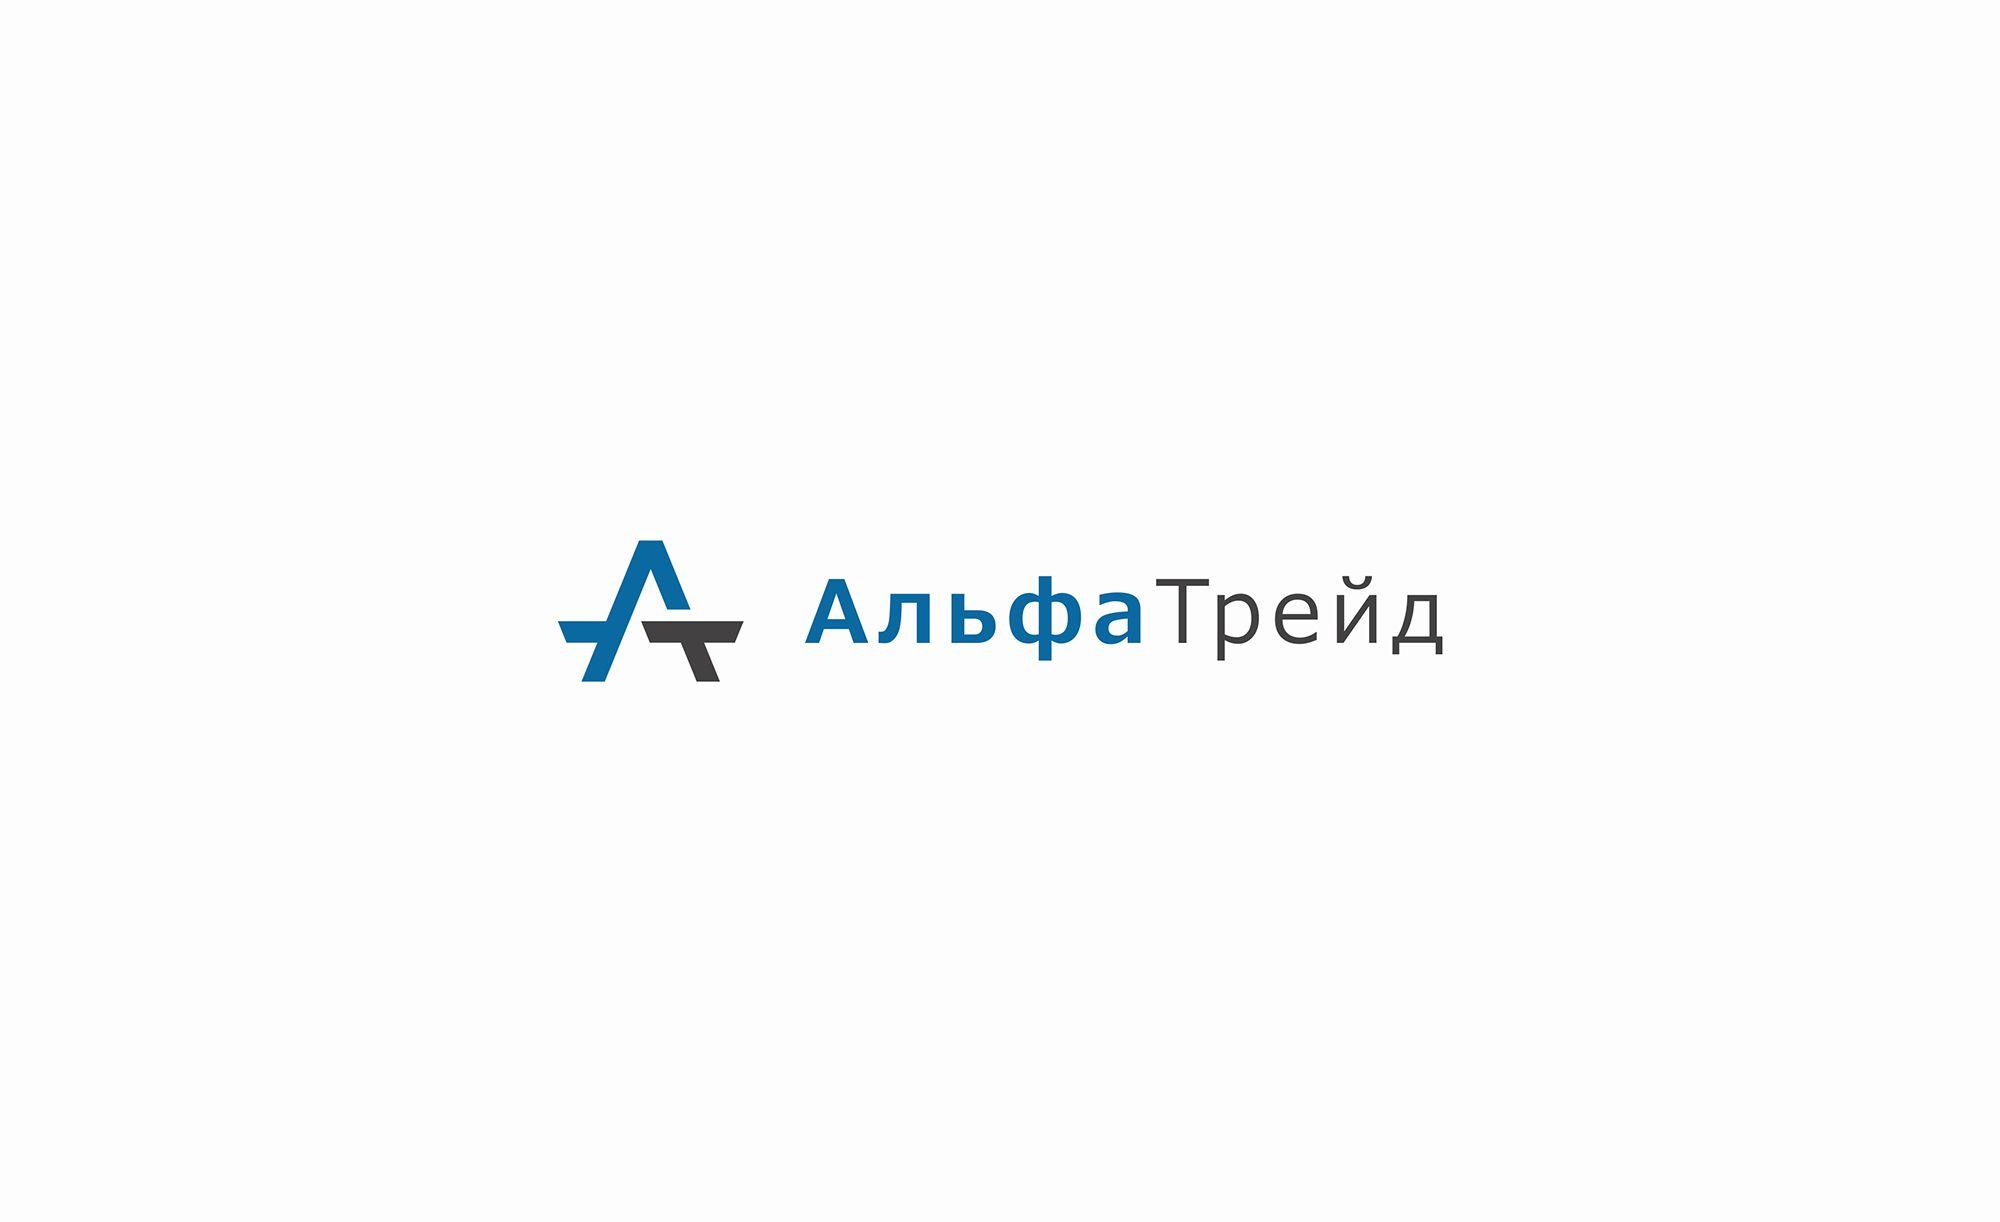 Логотип для АльфаТрейд - дизайнер kamael_379